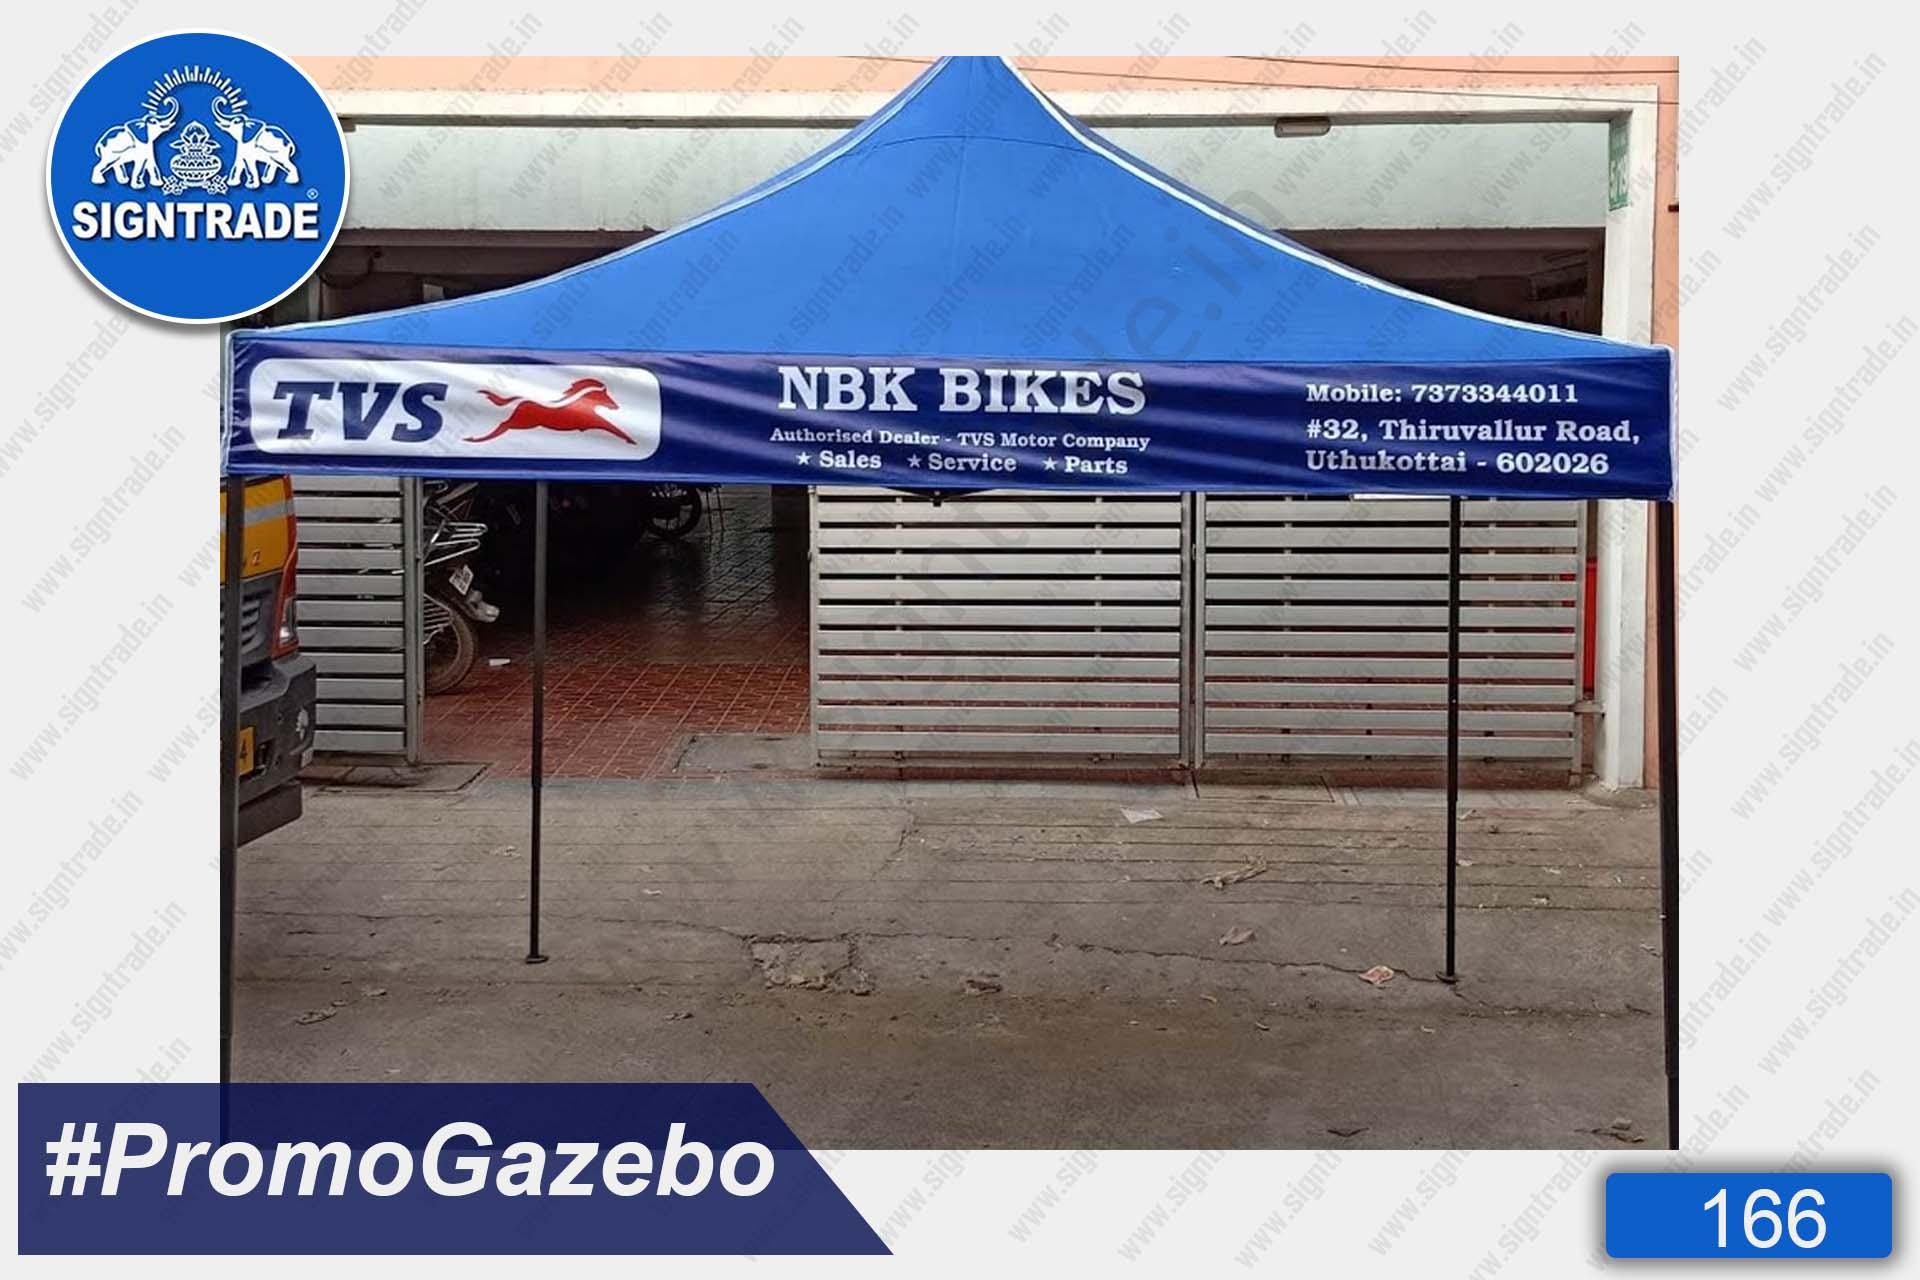 NBK Bikes - Gazebo Tent